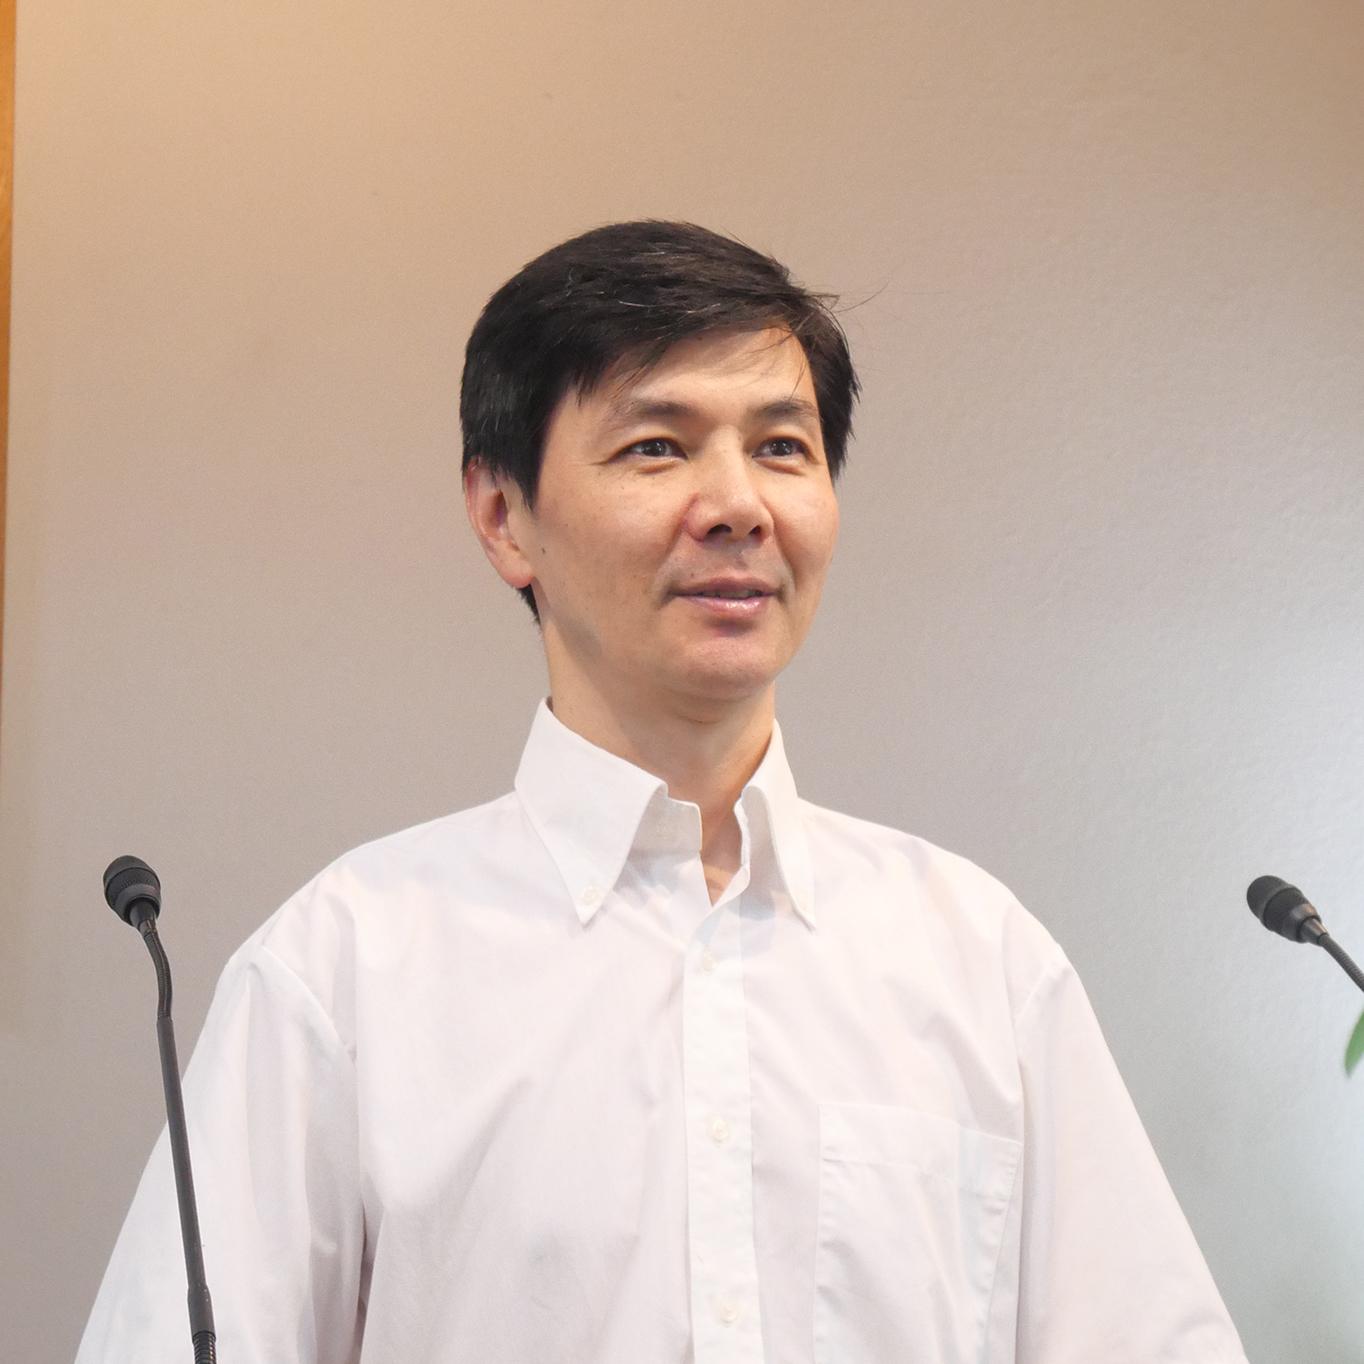 宇治福音自由教会牧師 宇治 教会 キリスト教 プロテスタント